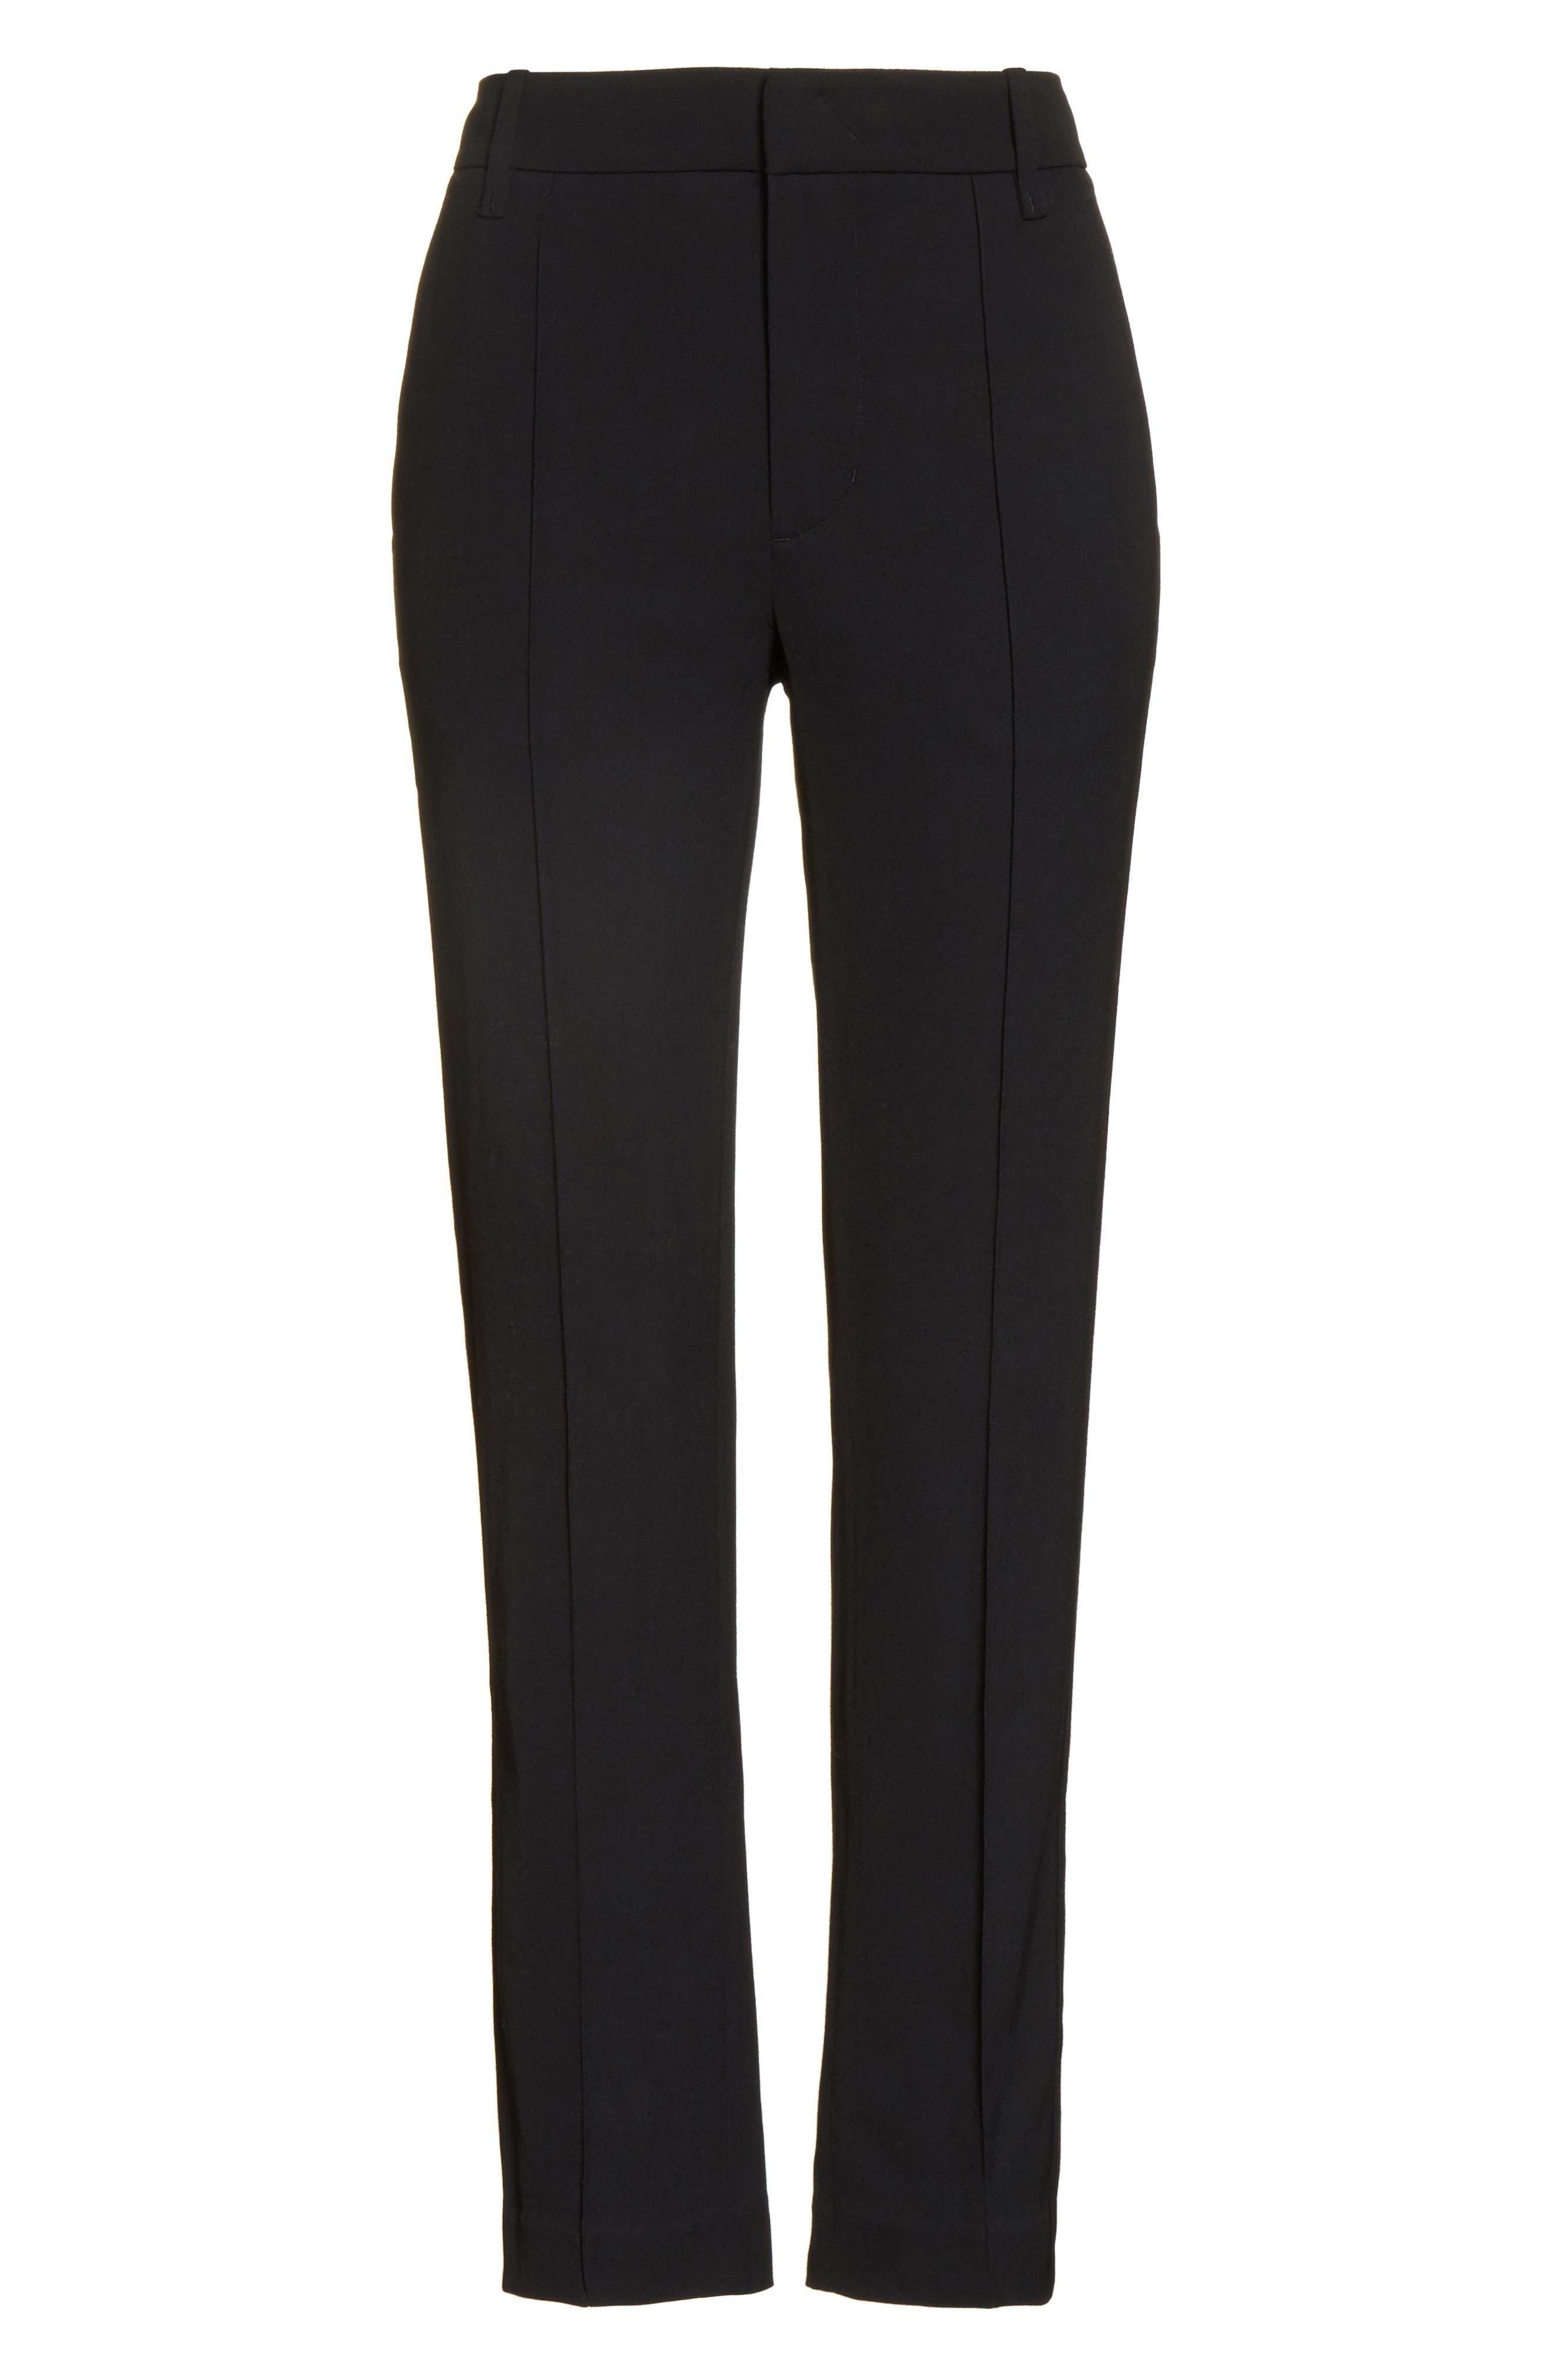 Stitch Front Pants,                             Alternate thumbnail 6, color,                             Black